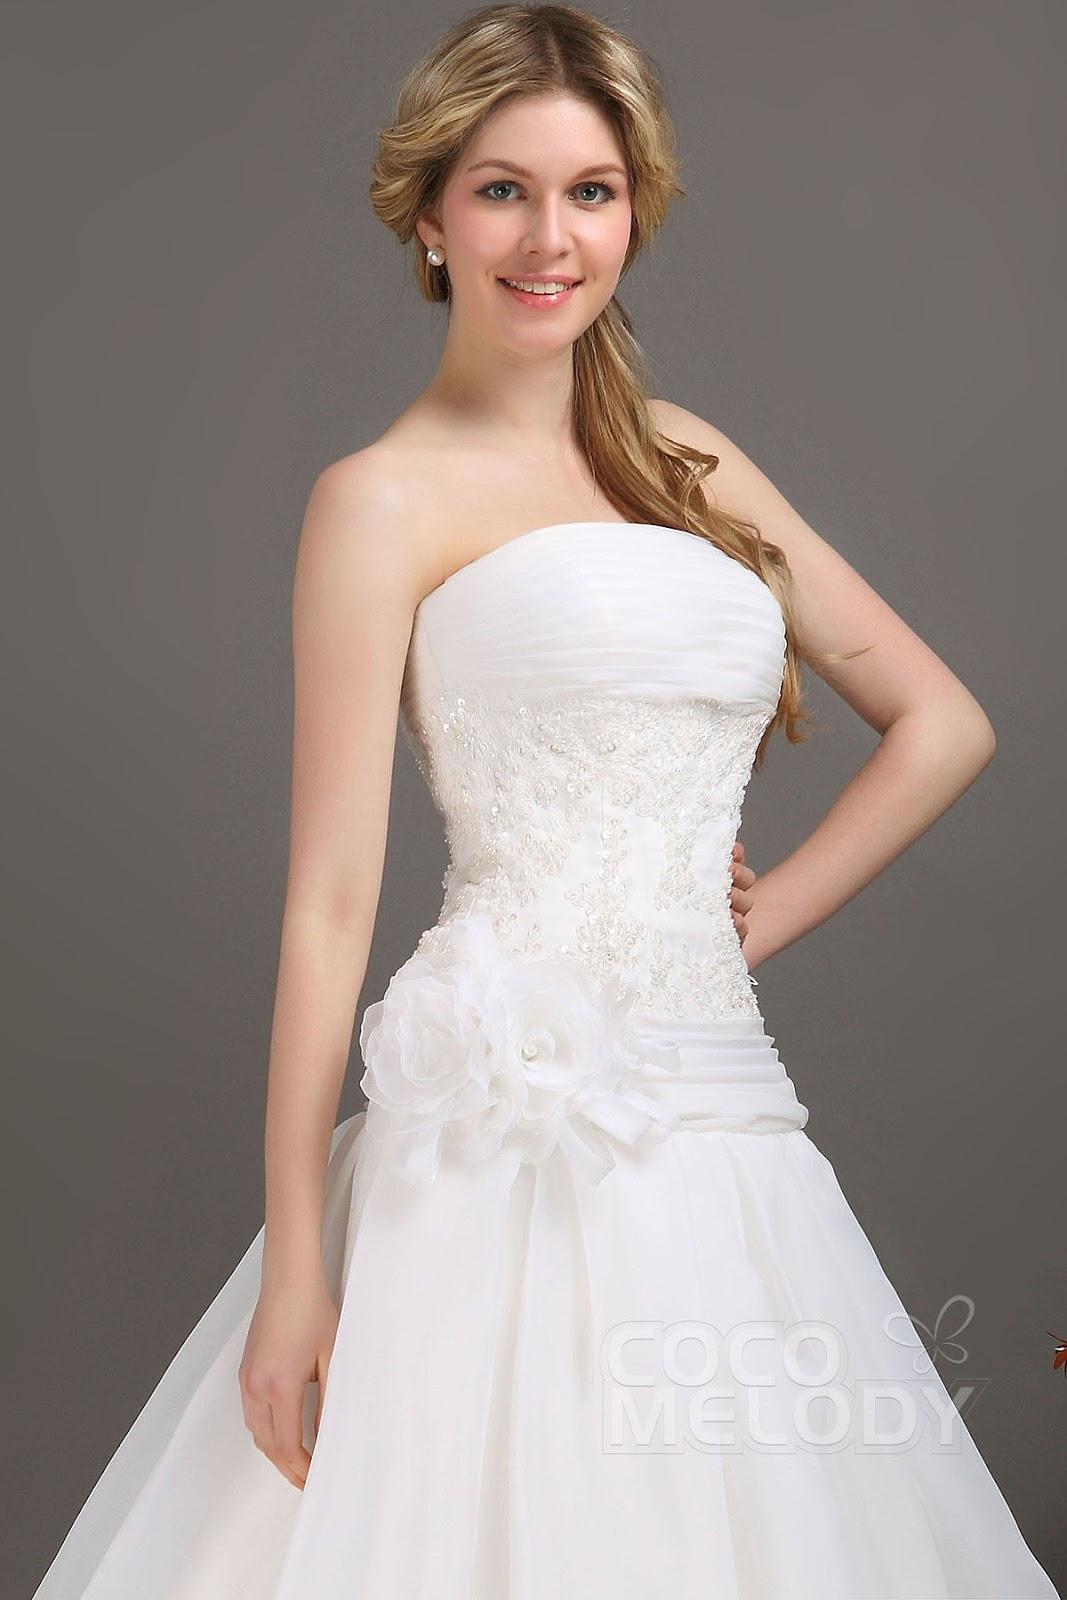 little girls flower girl dresses: Choosing wedding dresses ...